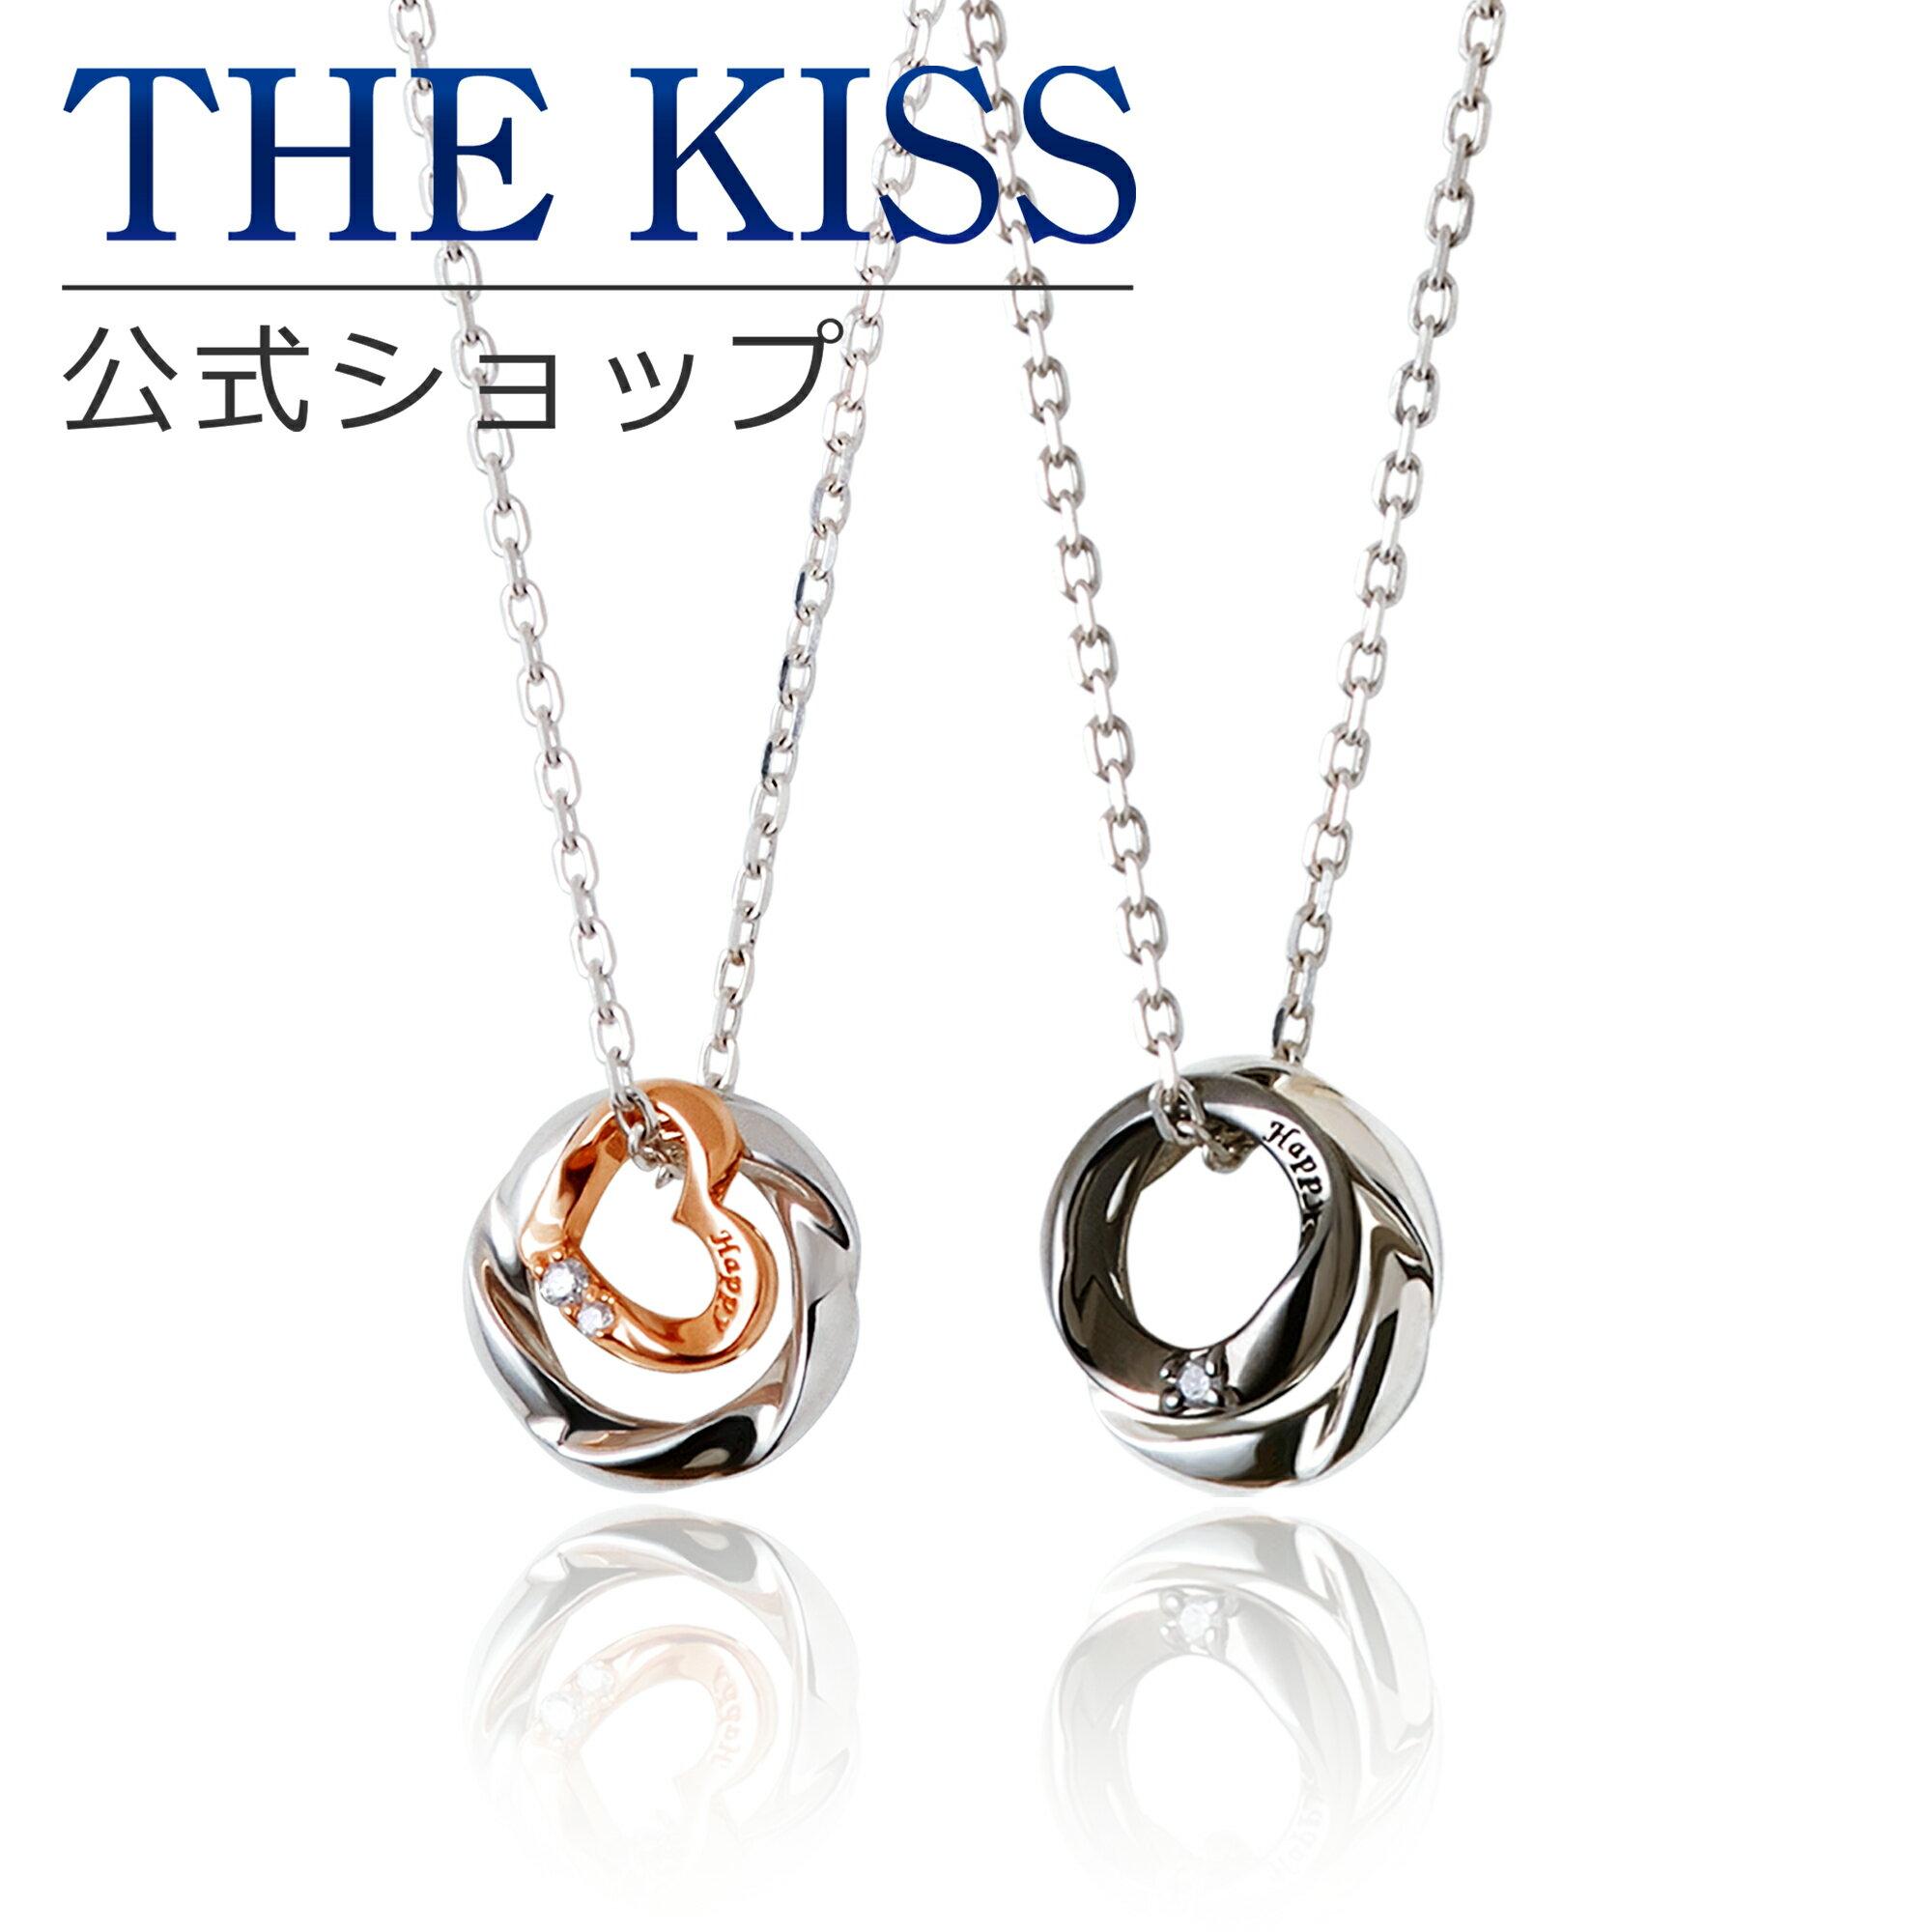 【あす楽対応】THE KISS 公式サイト シルバー ペアネックレス ペアアクセサリー カップル に 人気 の ジュエリーブランド THEKISS ペア ネックレス・ペンダント 記念日 プレゼント SPD772DM-773DM ザキス 【送料無料】